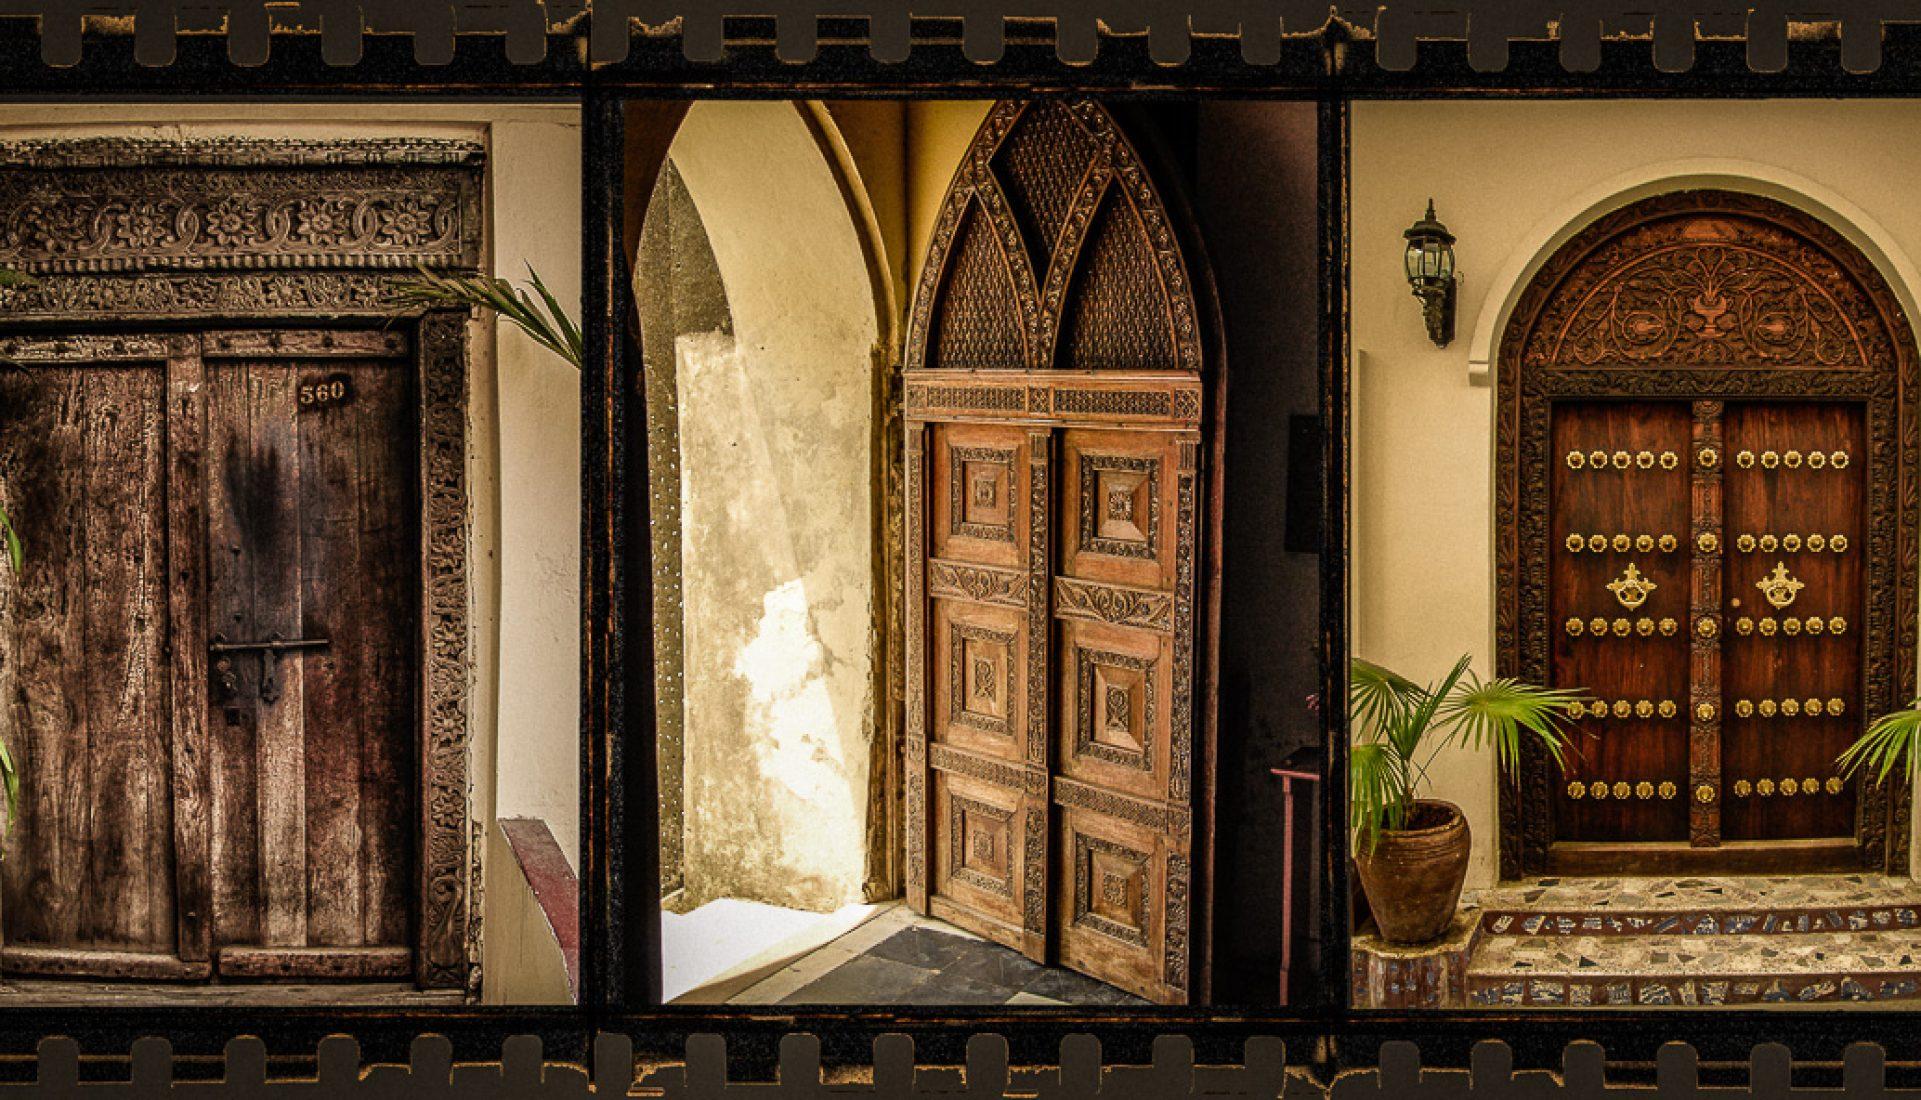 The Doors of Zanzibar – a Triptych